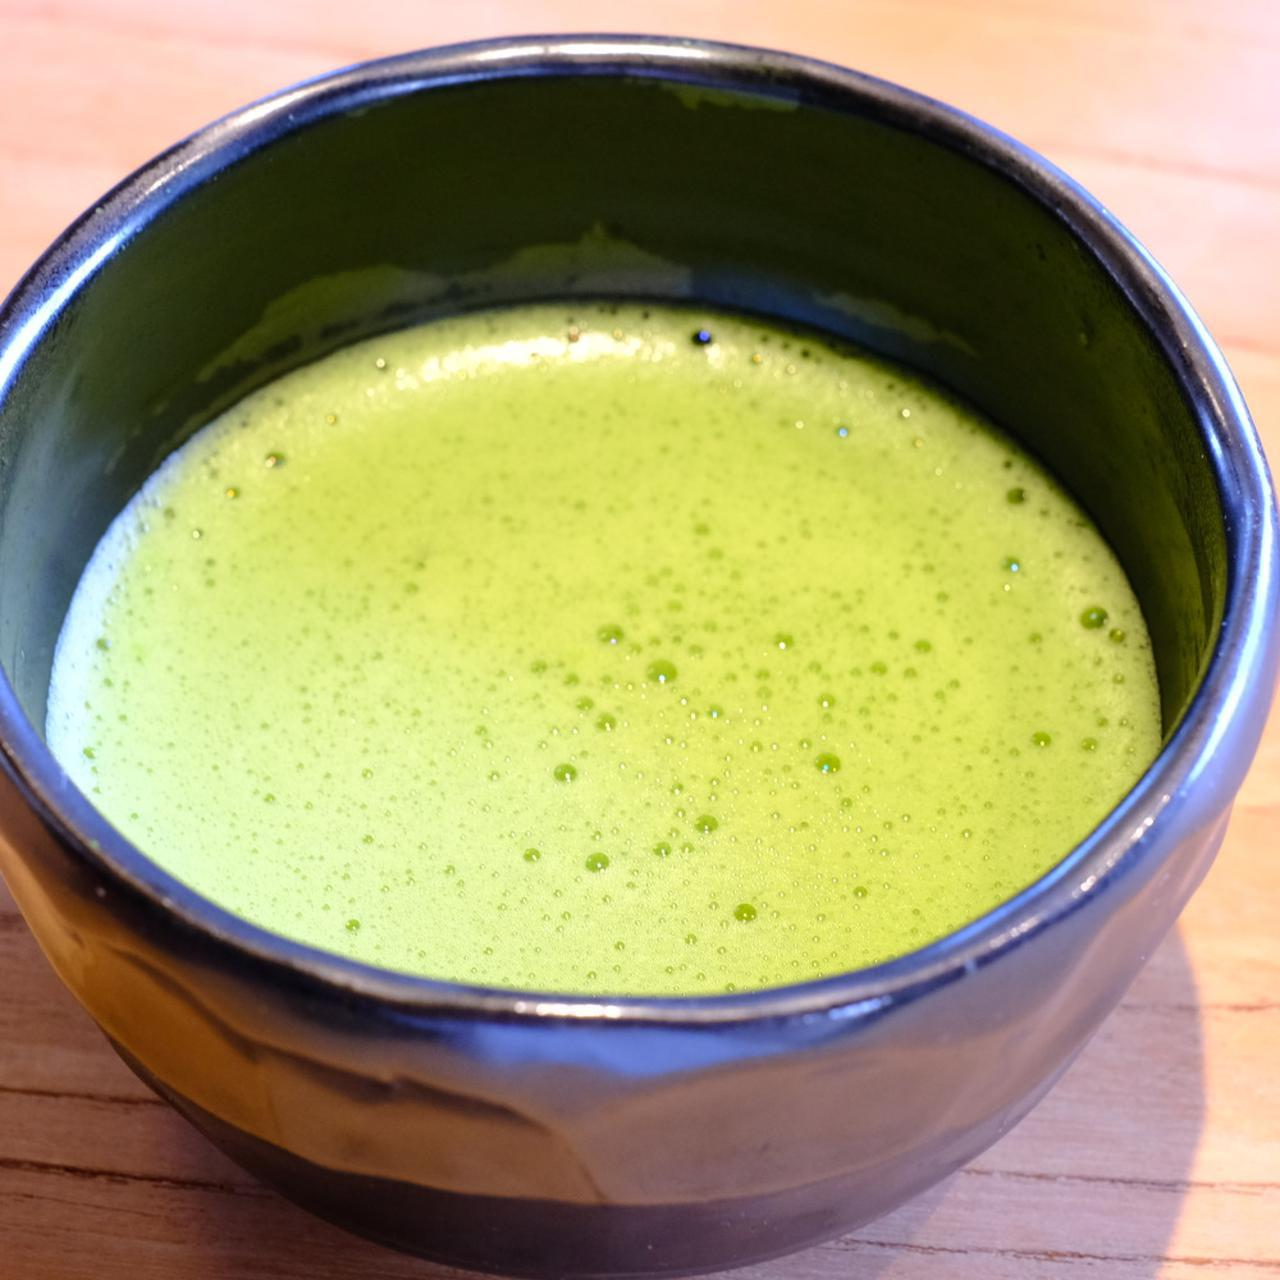 画像: せっかくだからとお抹茶も点ててくださいました。こちらは福岡八女星野村の抹茶。苦みの中にお茶の甘さや青々しさを感じます。